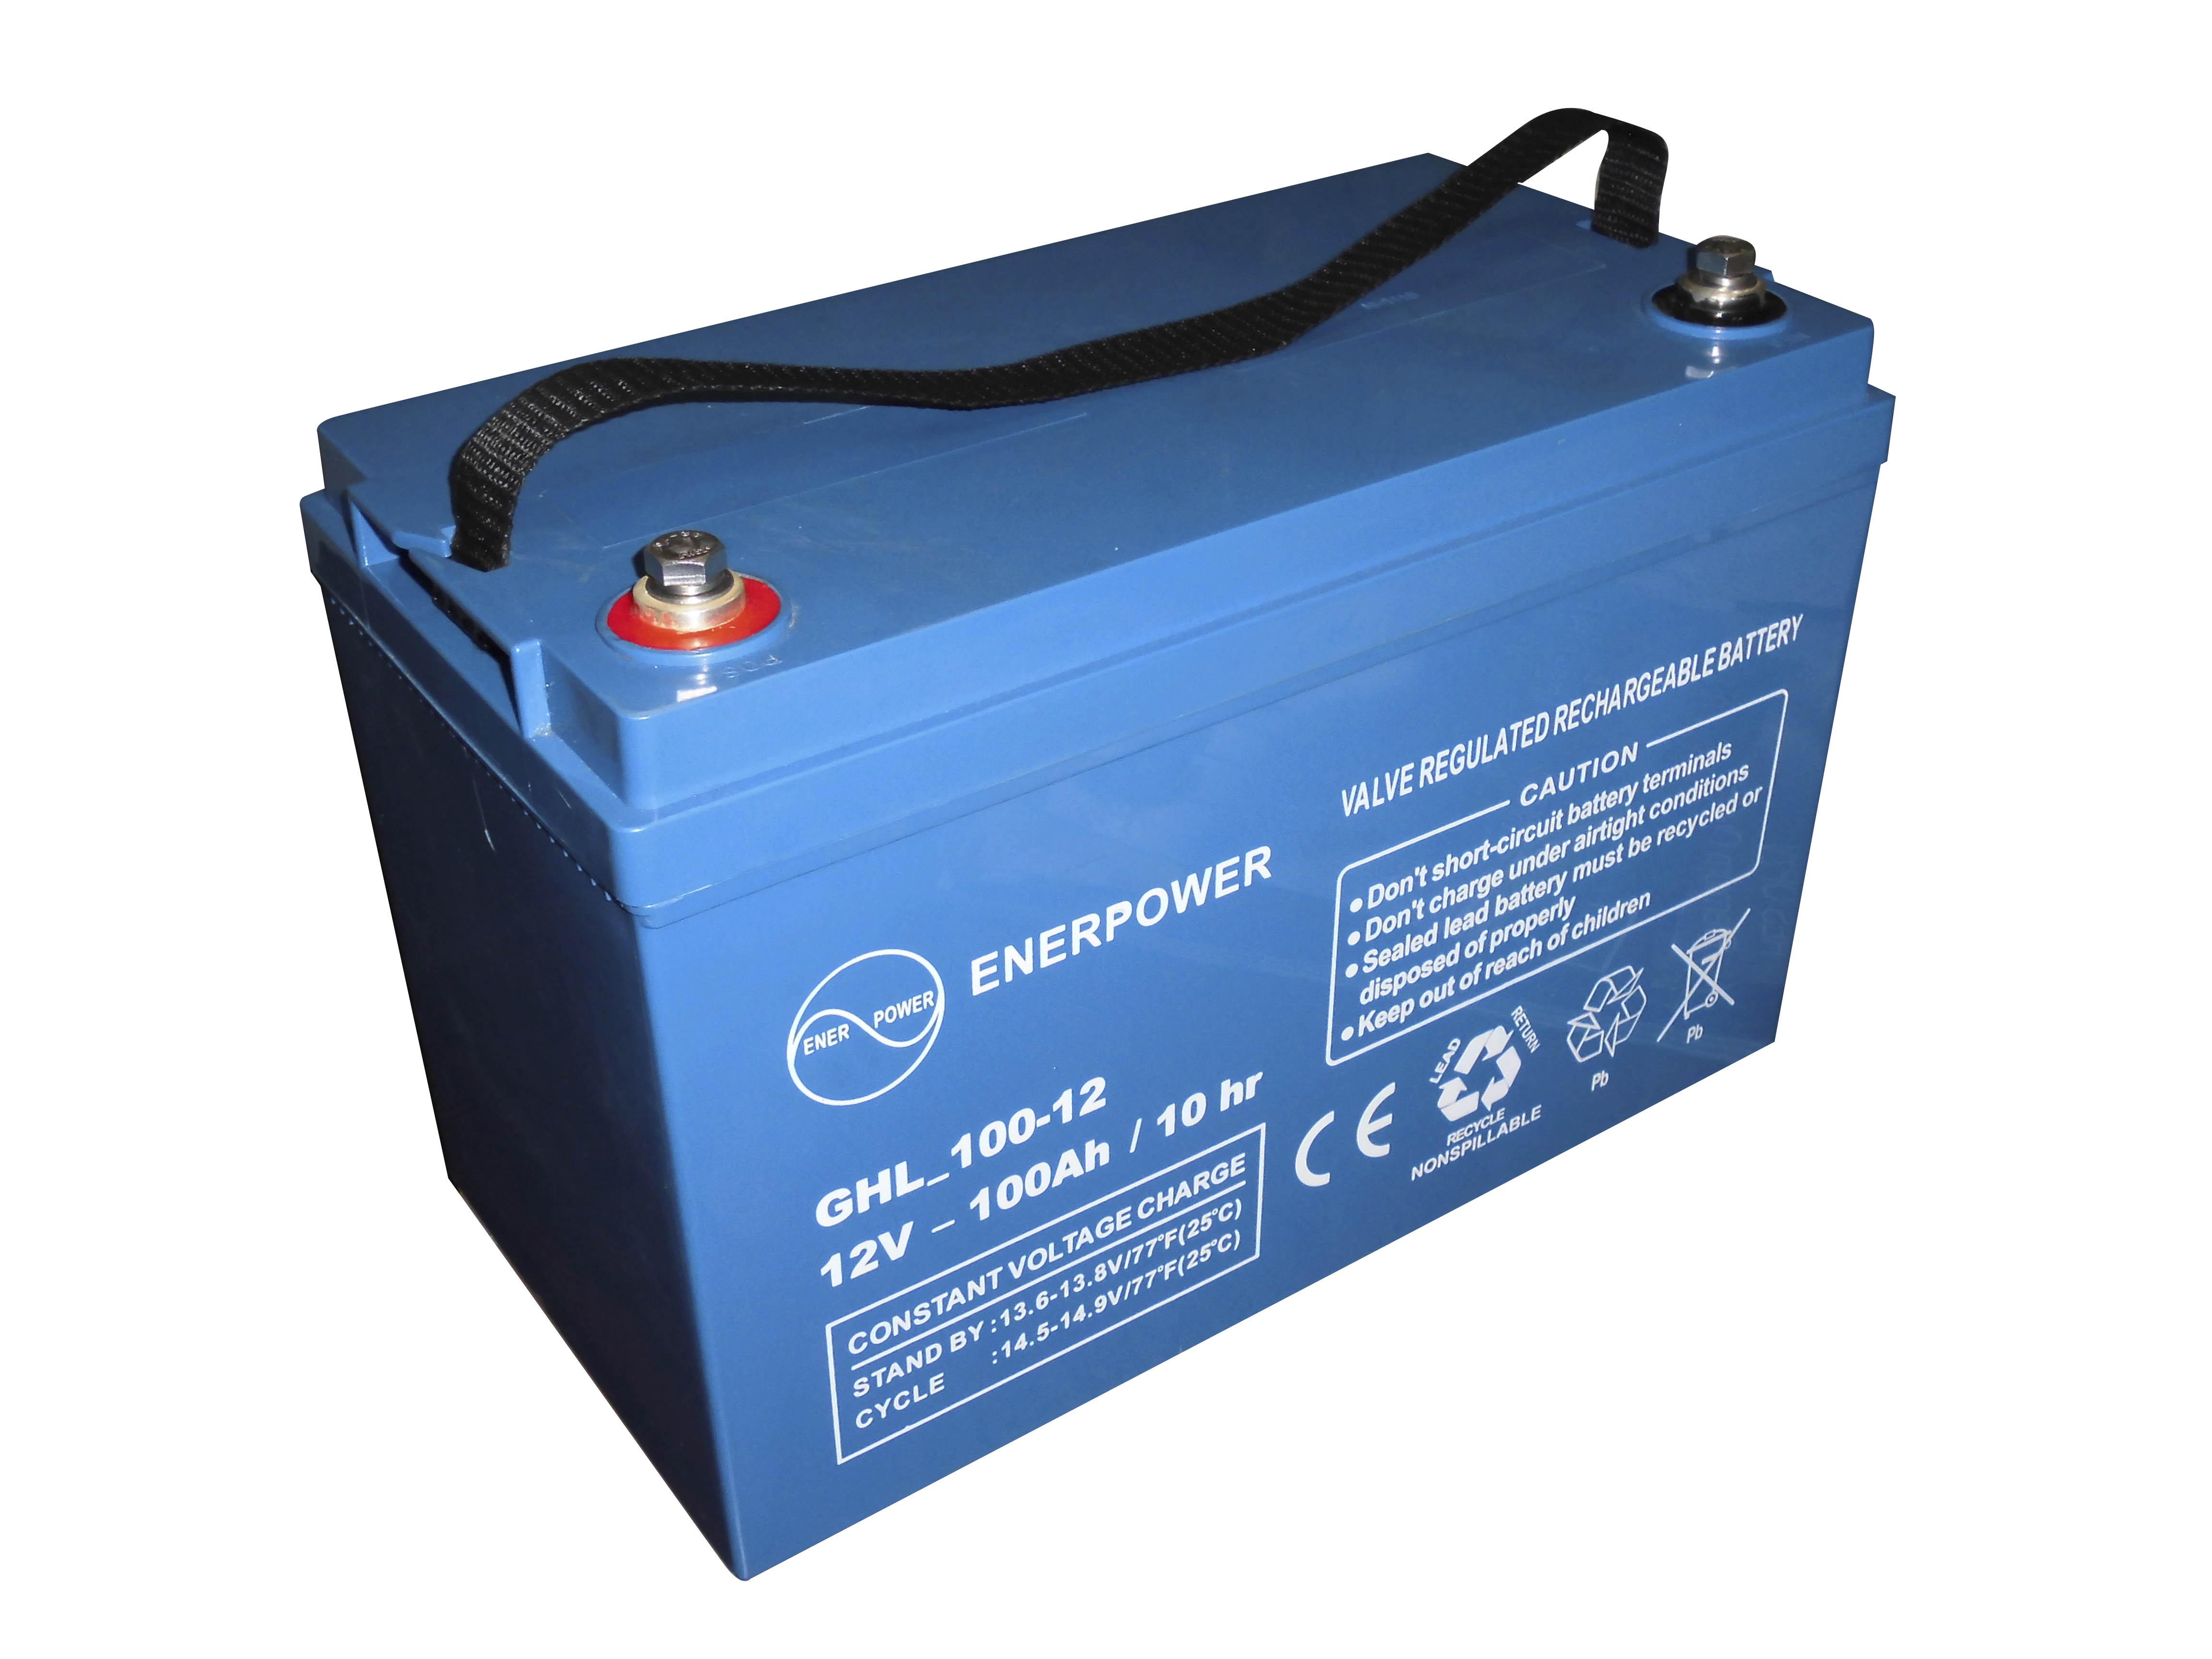 Batterie GEL serie GHL